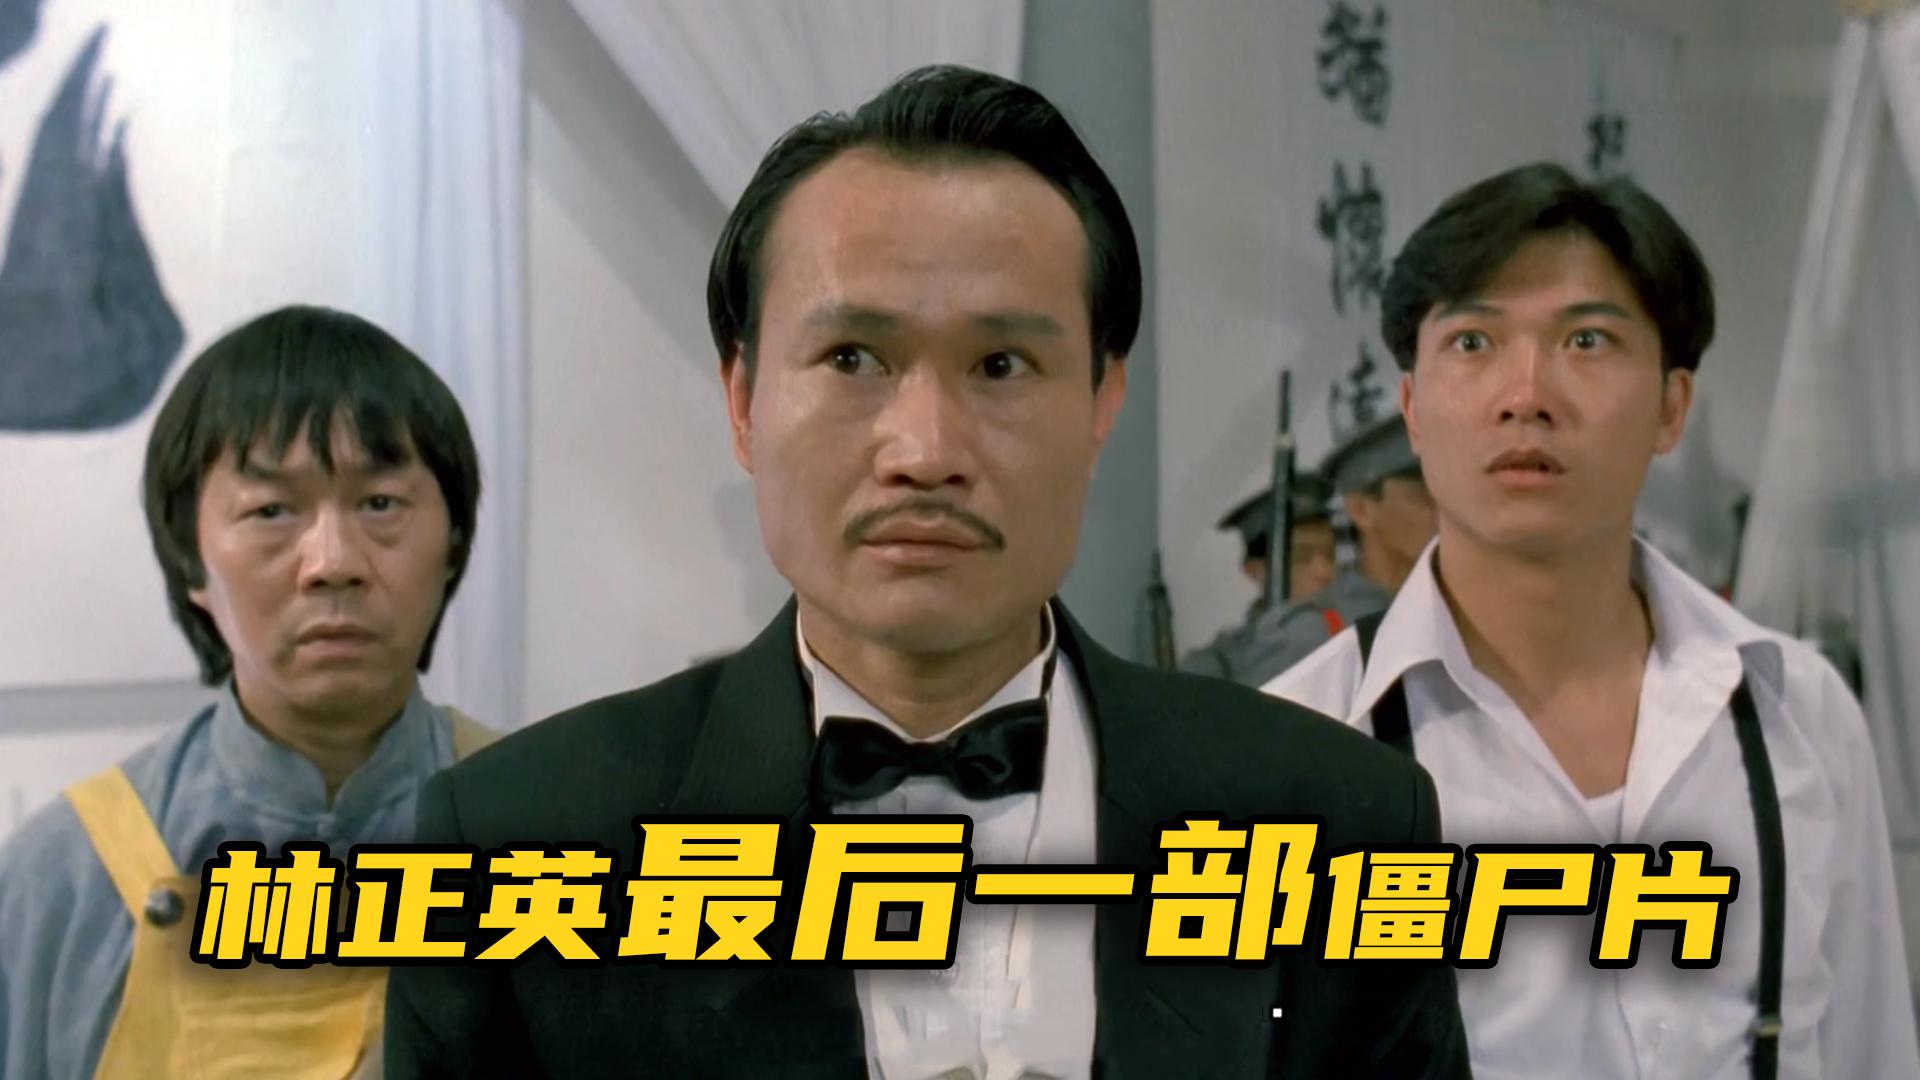 【阿斗】林正英的最后一部《新僵尸先生》,后人再想超越,难得很!